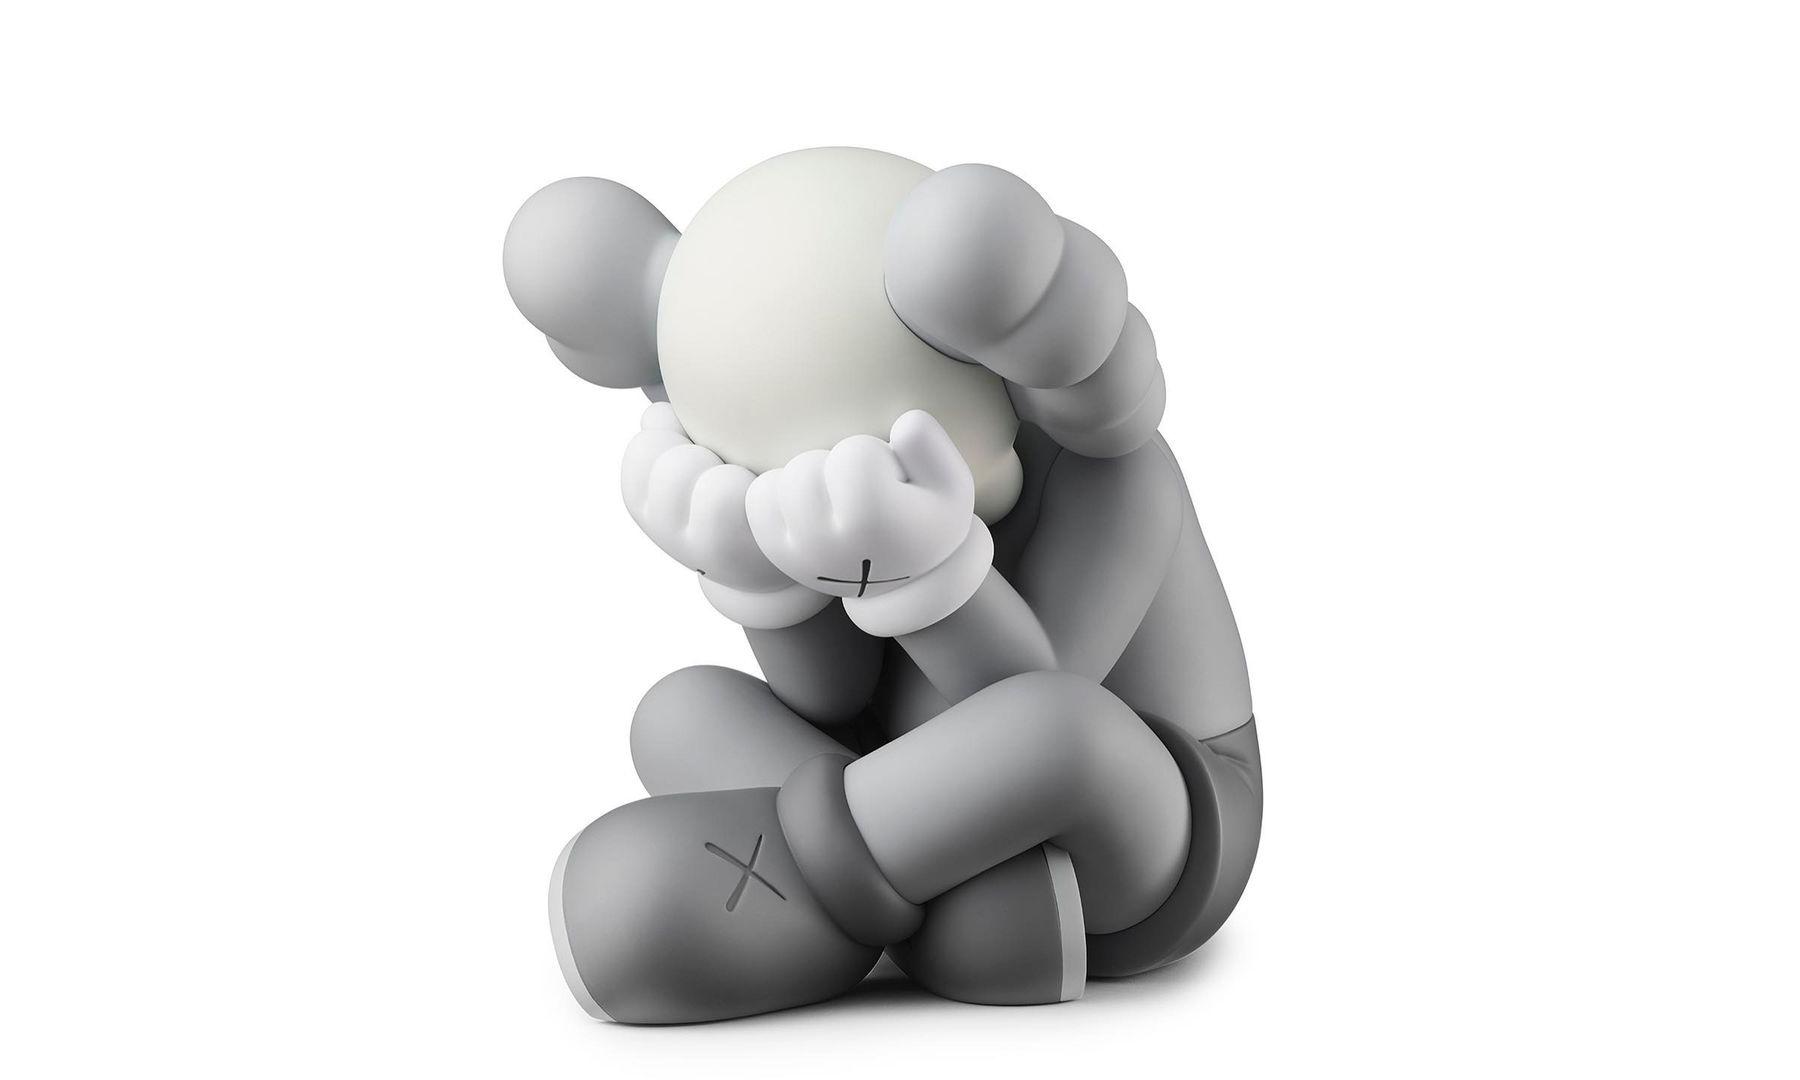 KAWS「SEPERATED」玩偶即将在官网迎来发售